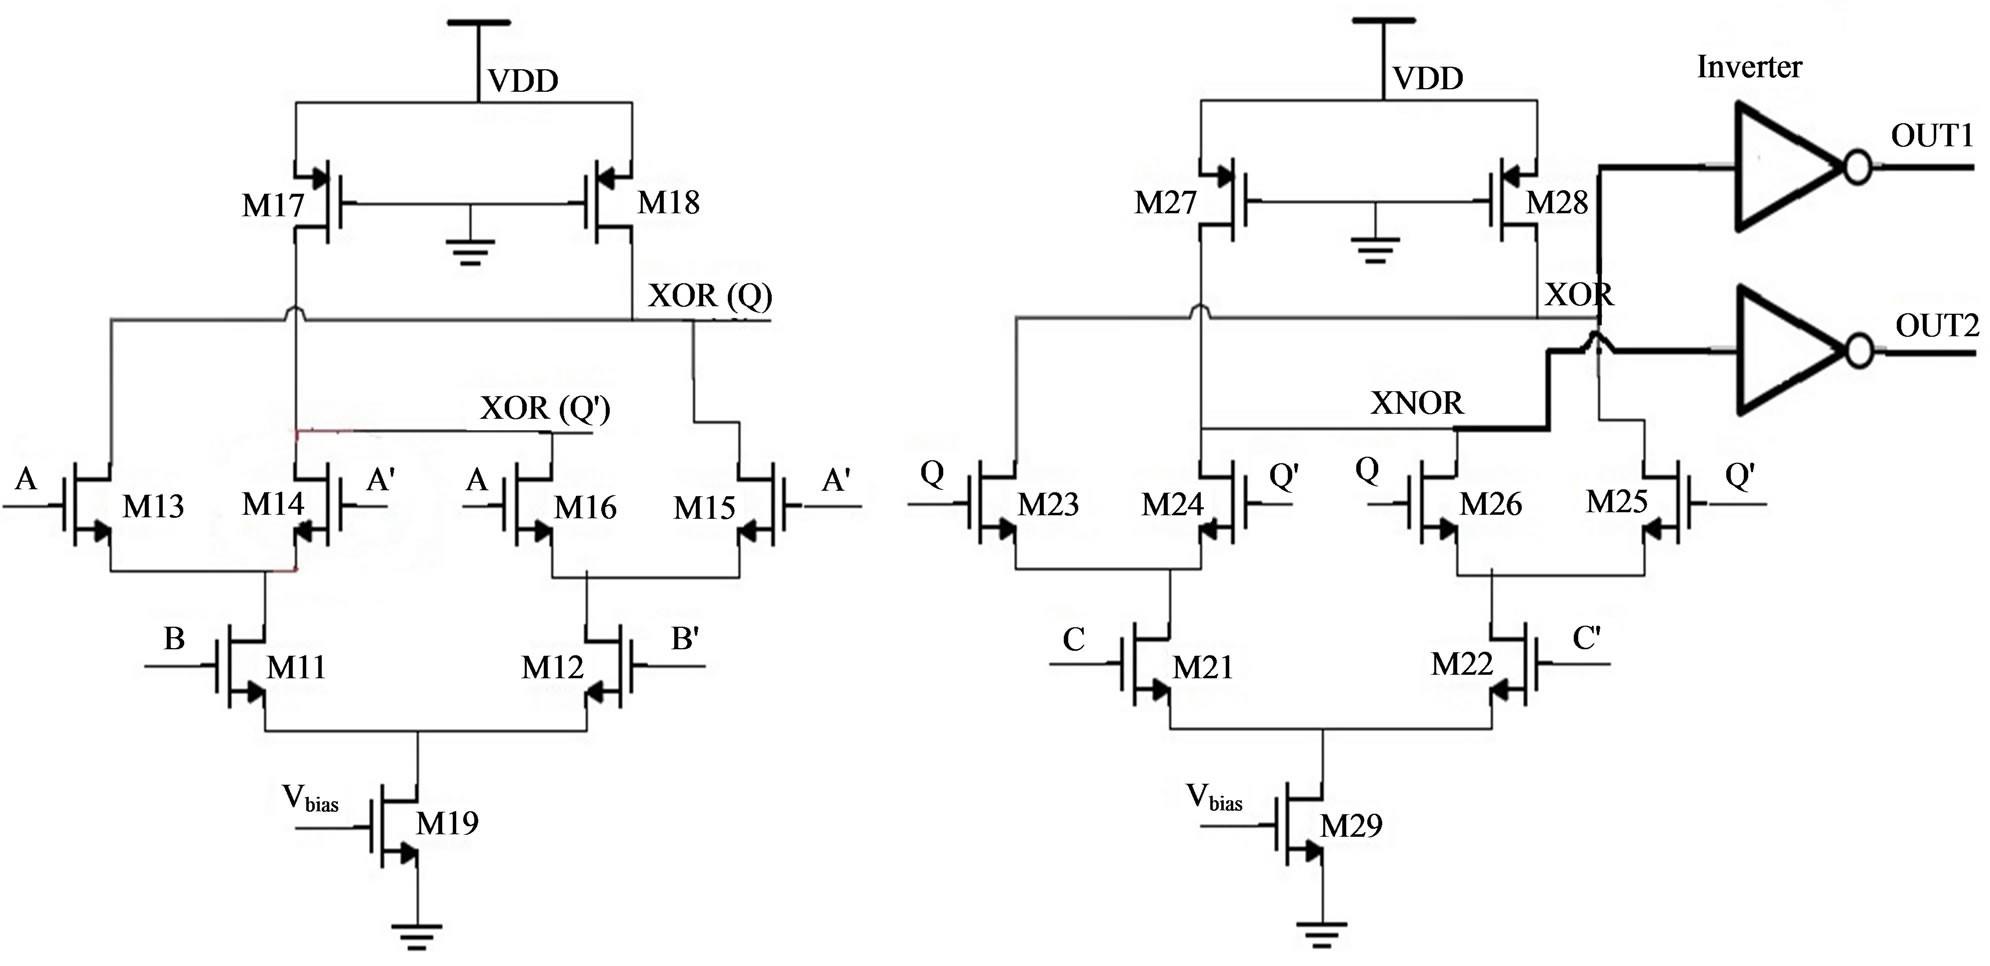 Xor Gate Circuit Diagram Wiring Diagram Image